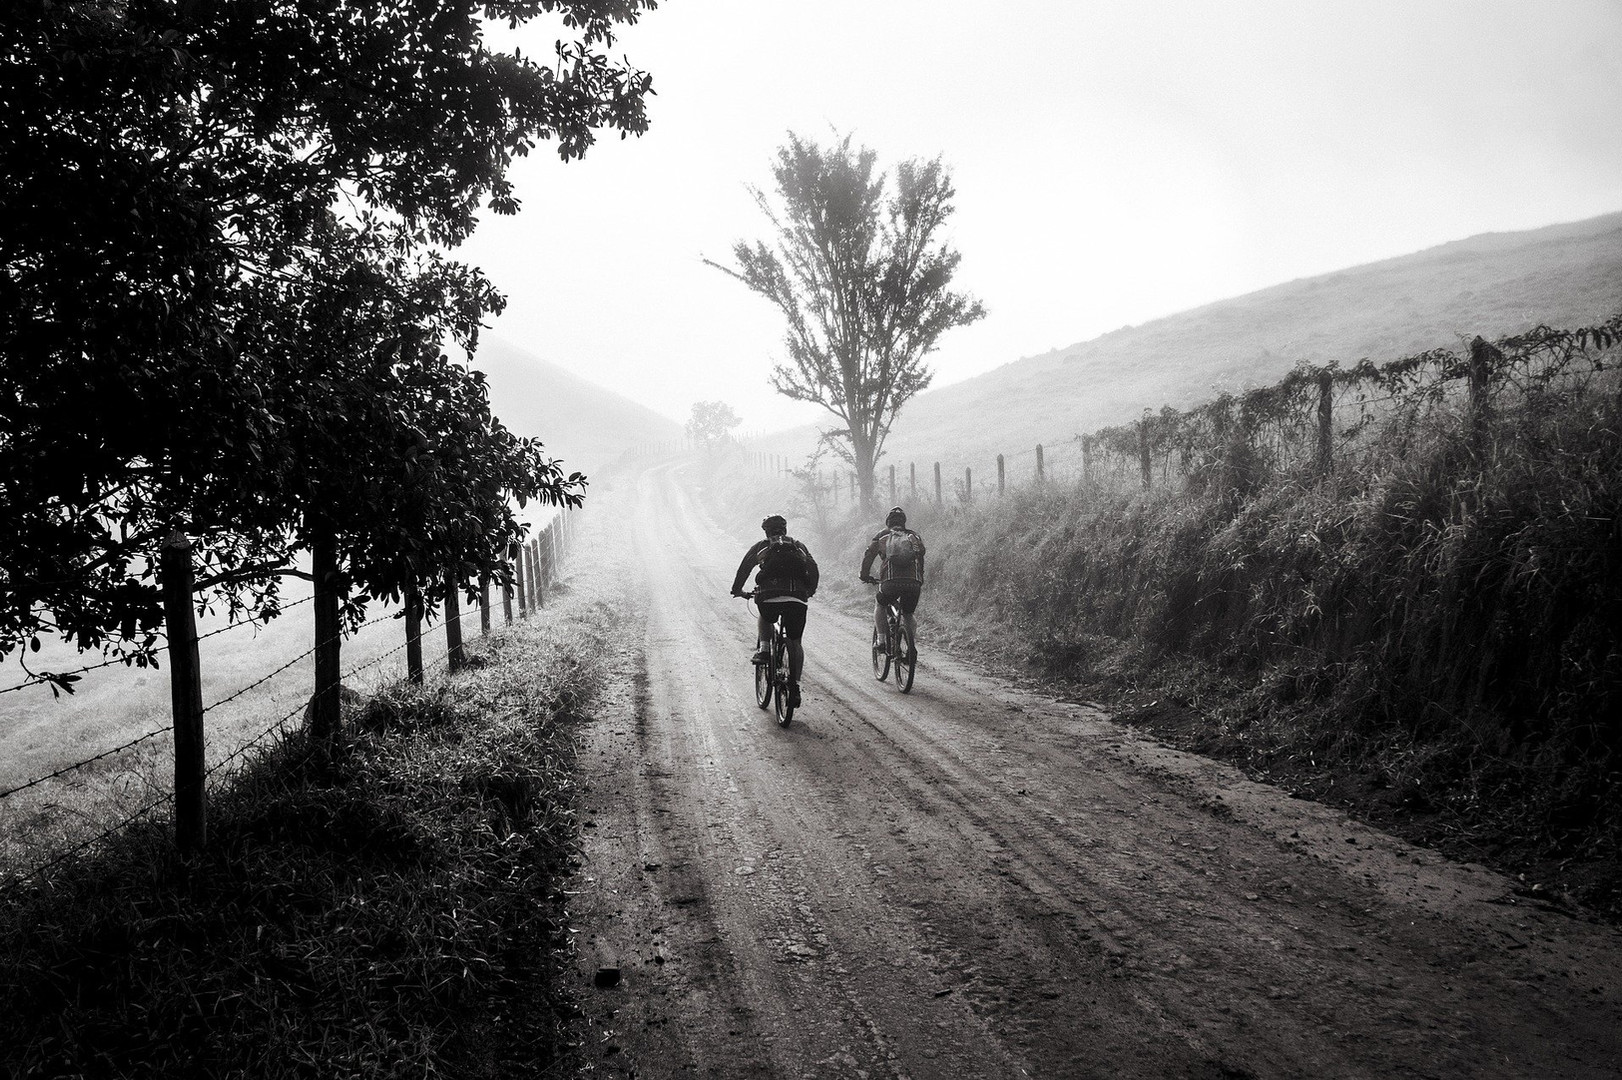 bike-1534902_1920.jpg